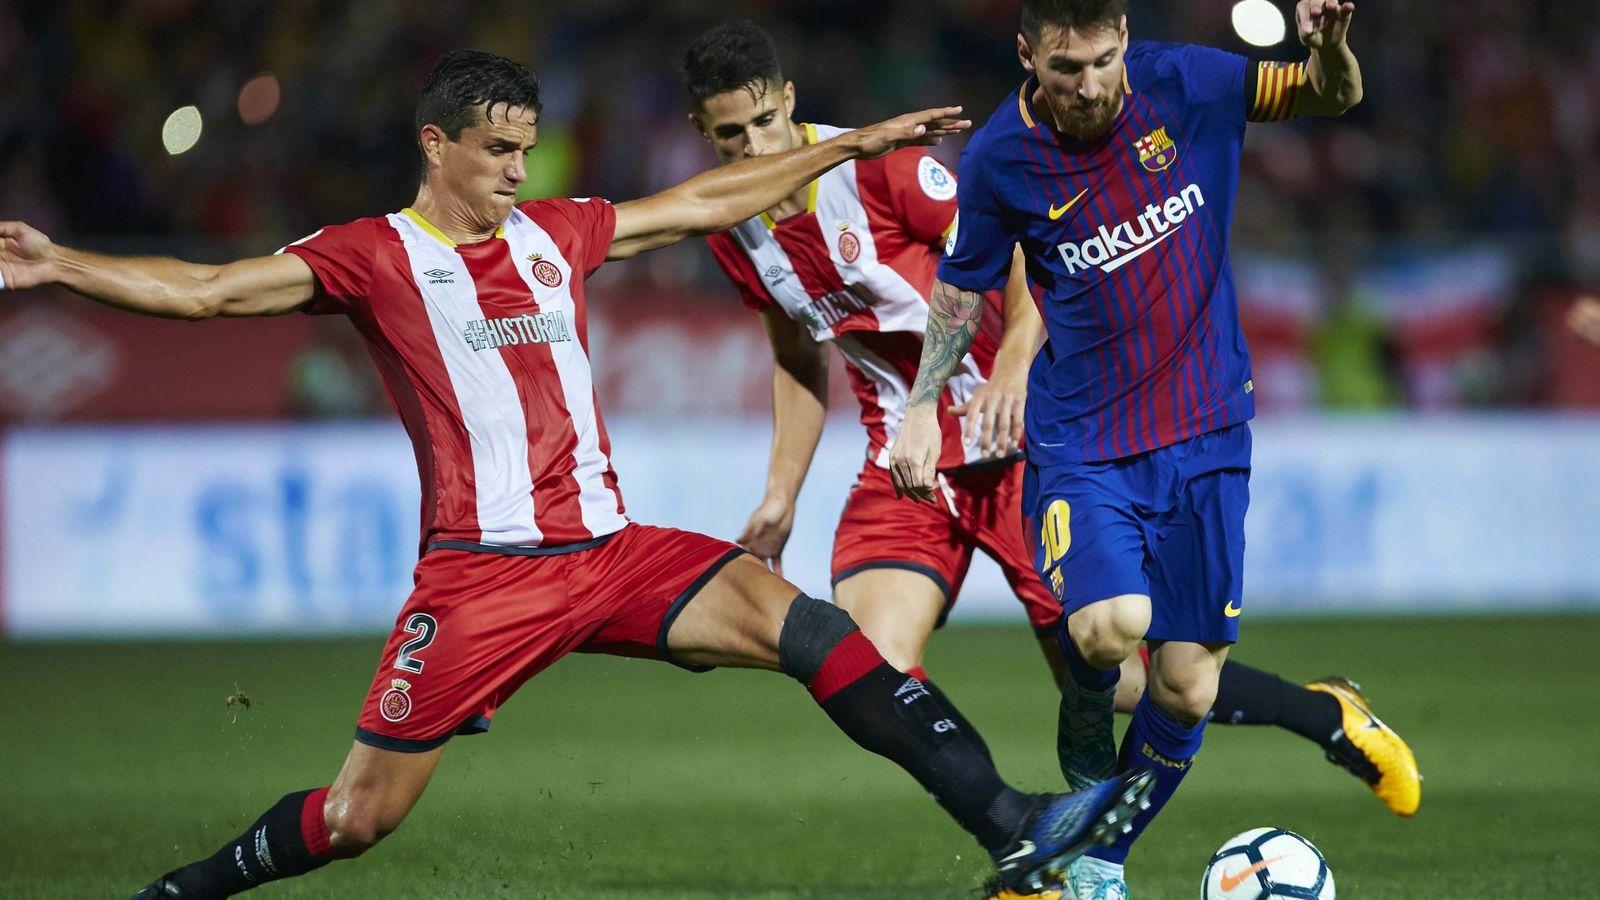 Foto: Messi frente al Girona en Montilivi en la temporada pasada. (EFE)